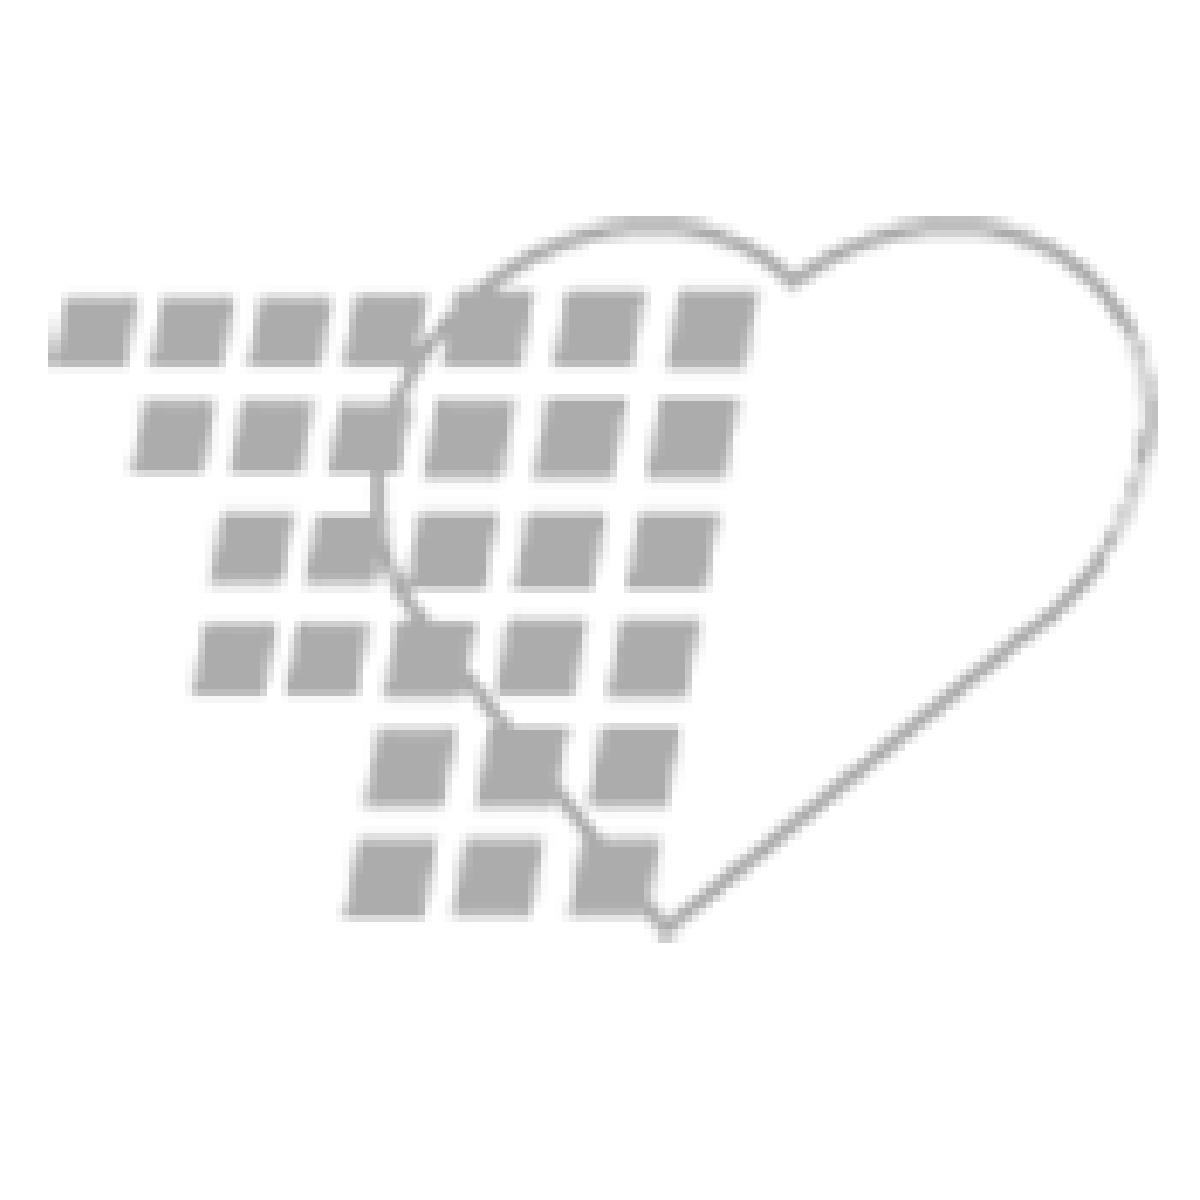 04-37-1656 - Omnicell® Savvy Custom Unit